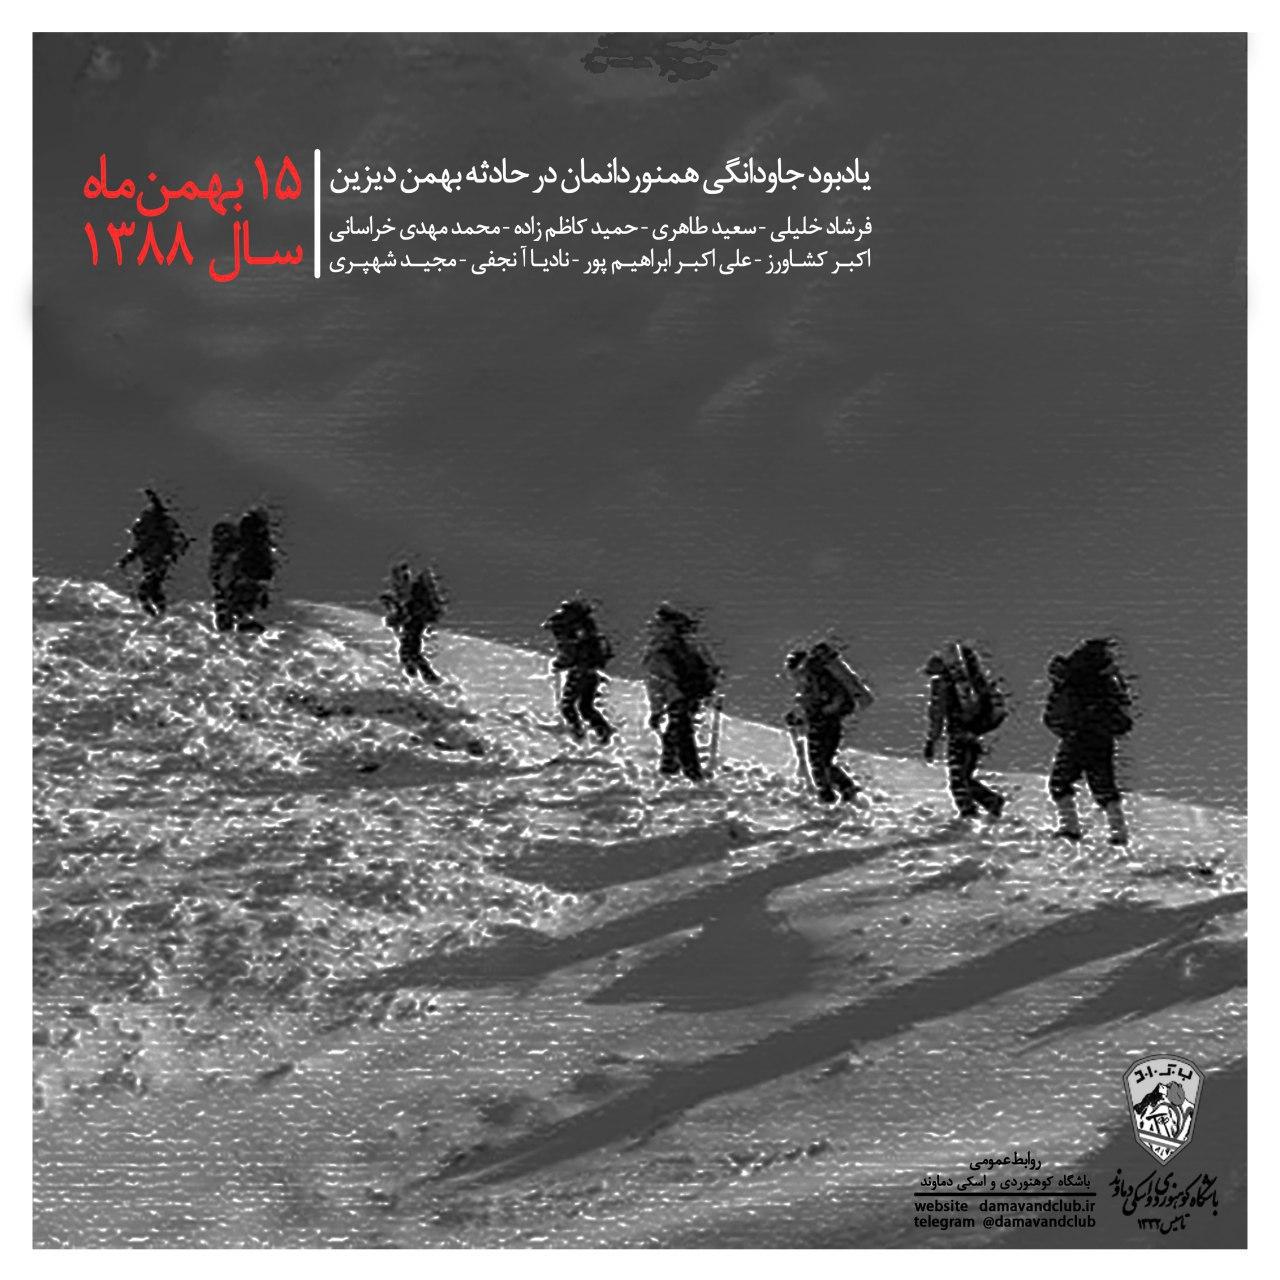 یادبود درگذشتگان حادثه بهمن دیزین